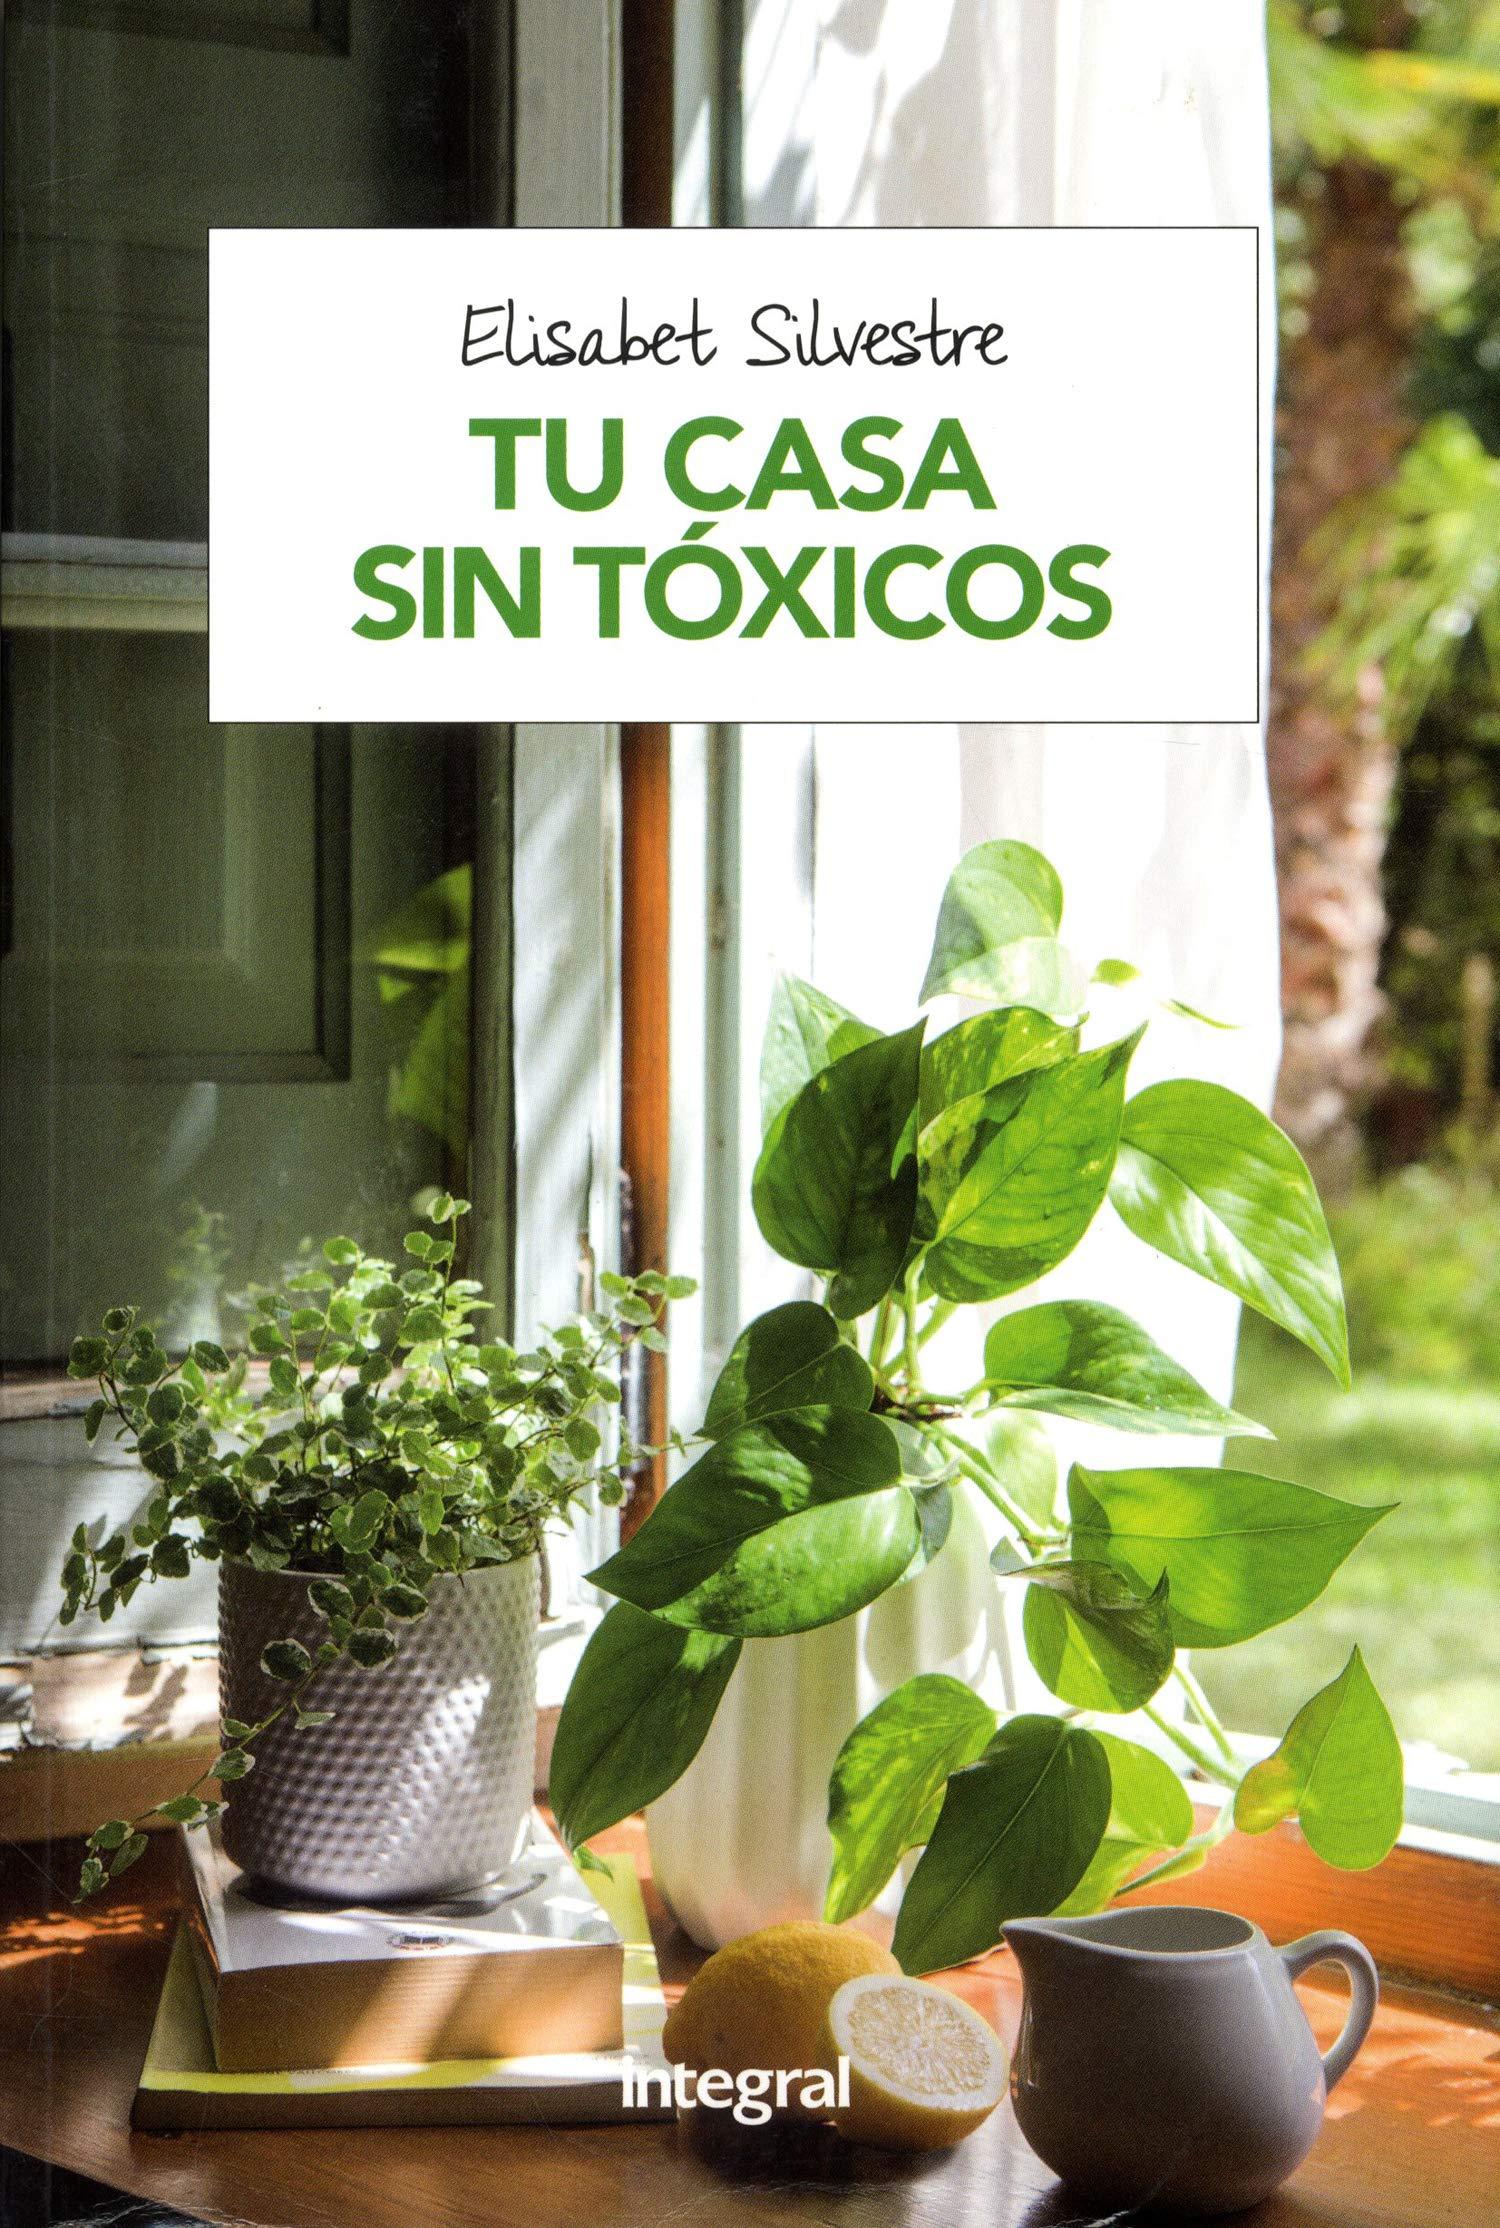 Tu casa sin tóxicos (SALUD): Amazon.es: Silvestre, Elisabet: Libros